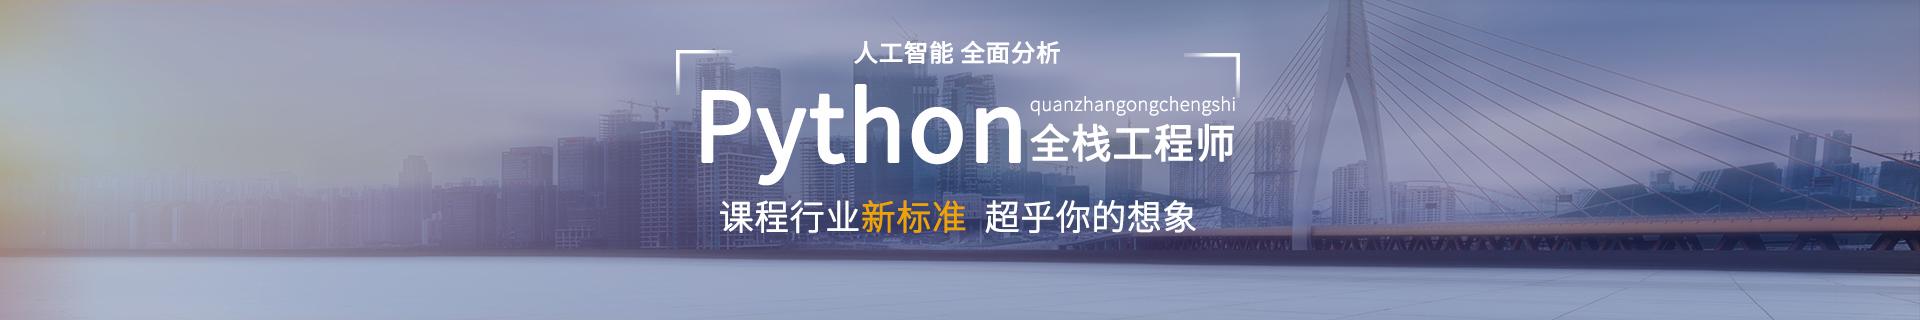 成都python